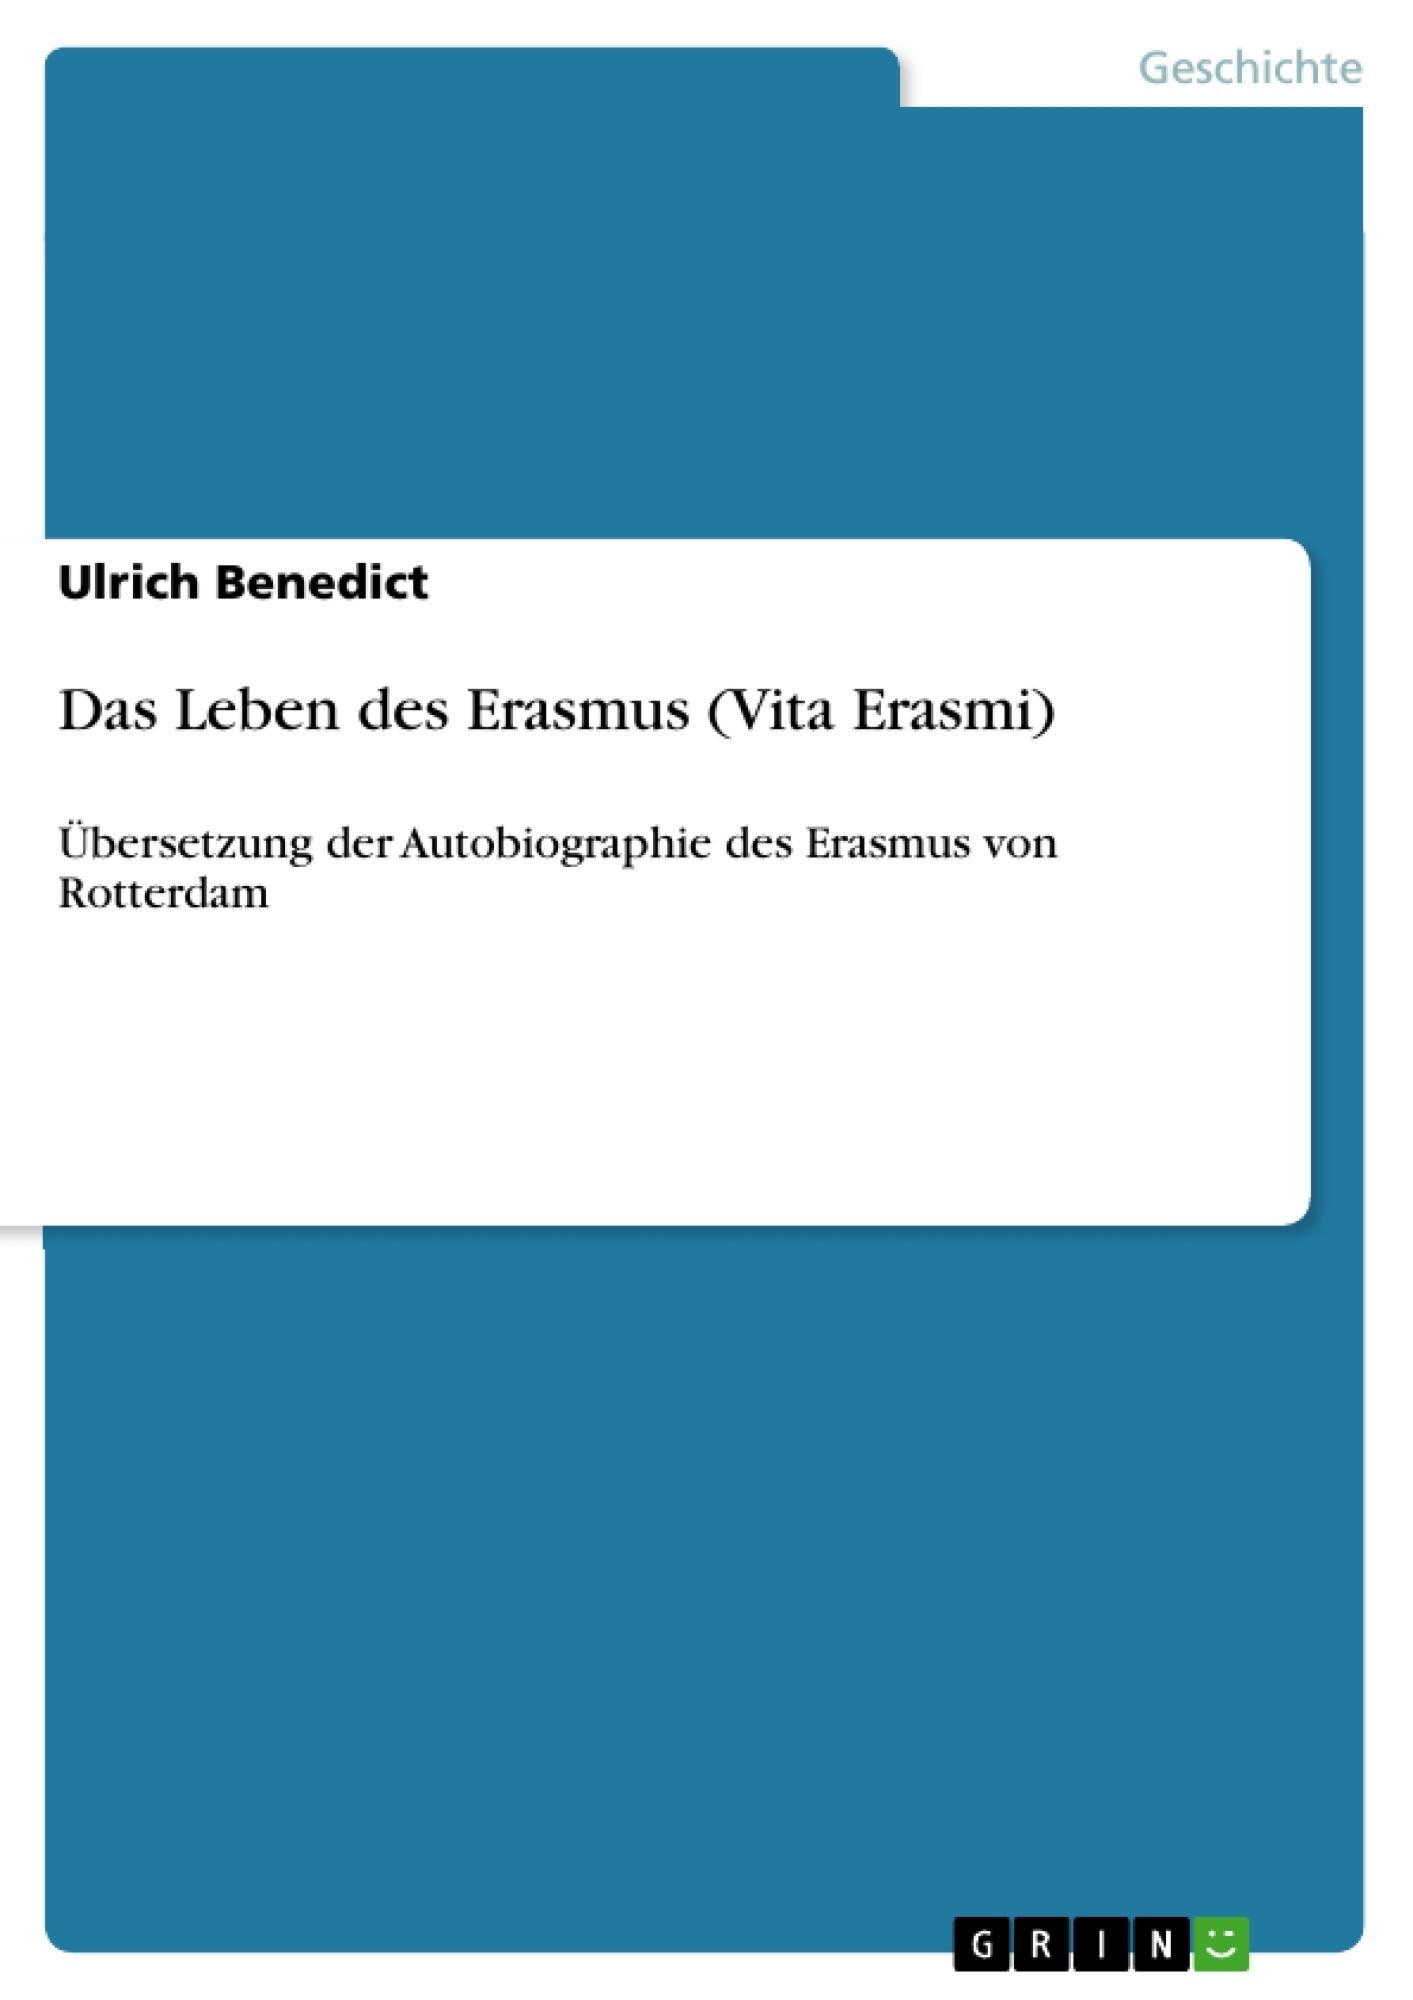 Titel: Das Leben des Erasmus (Vita Erasmi)